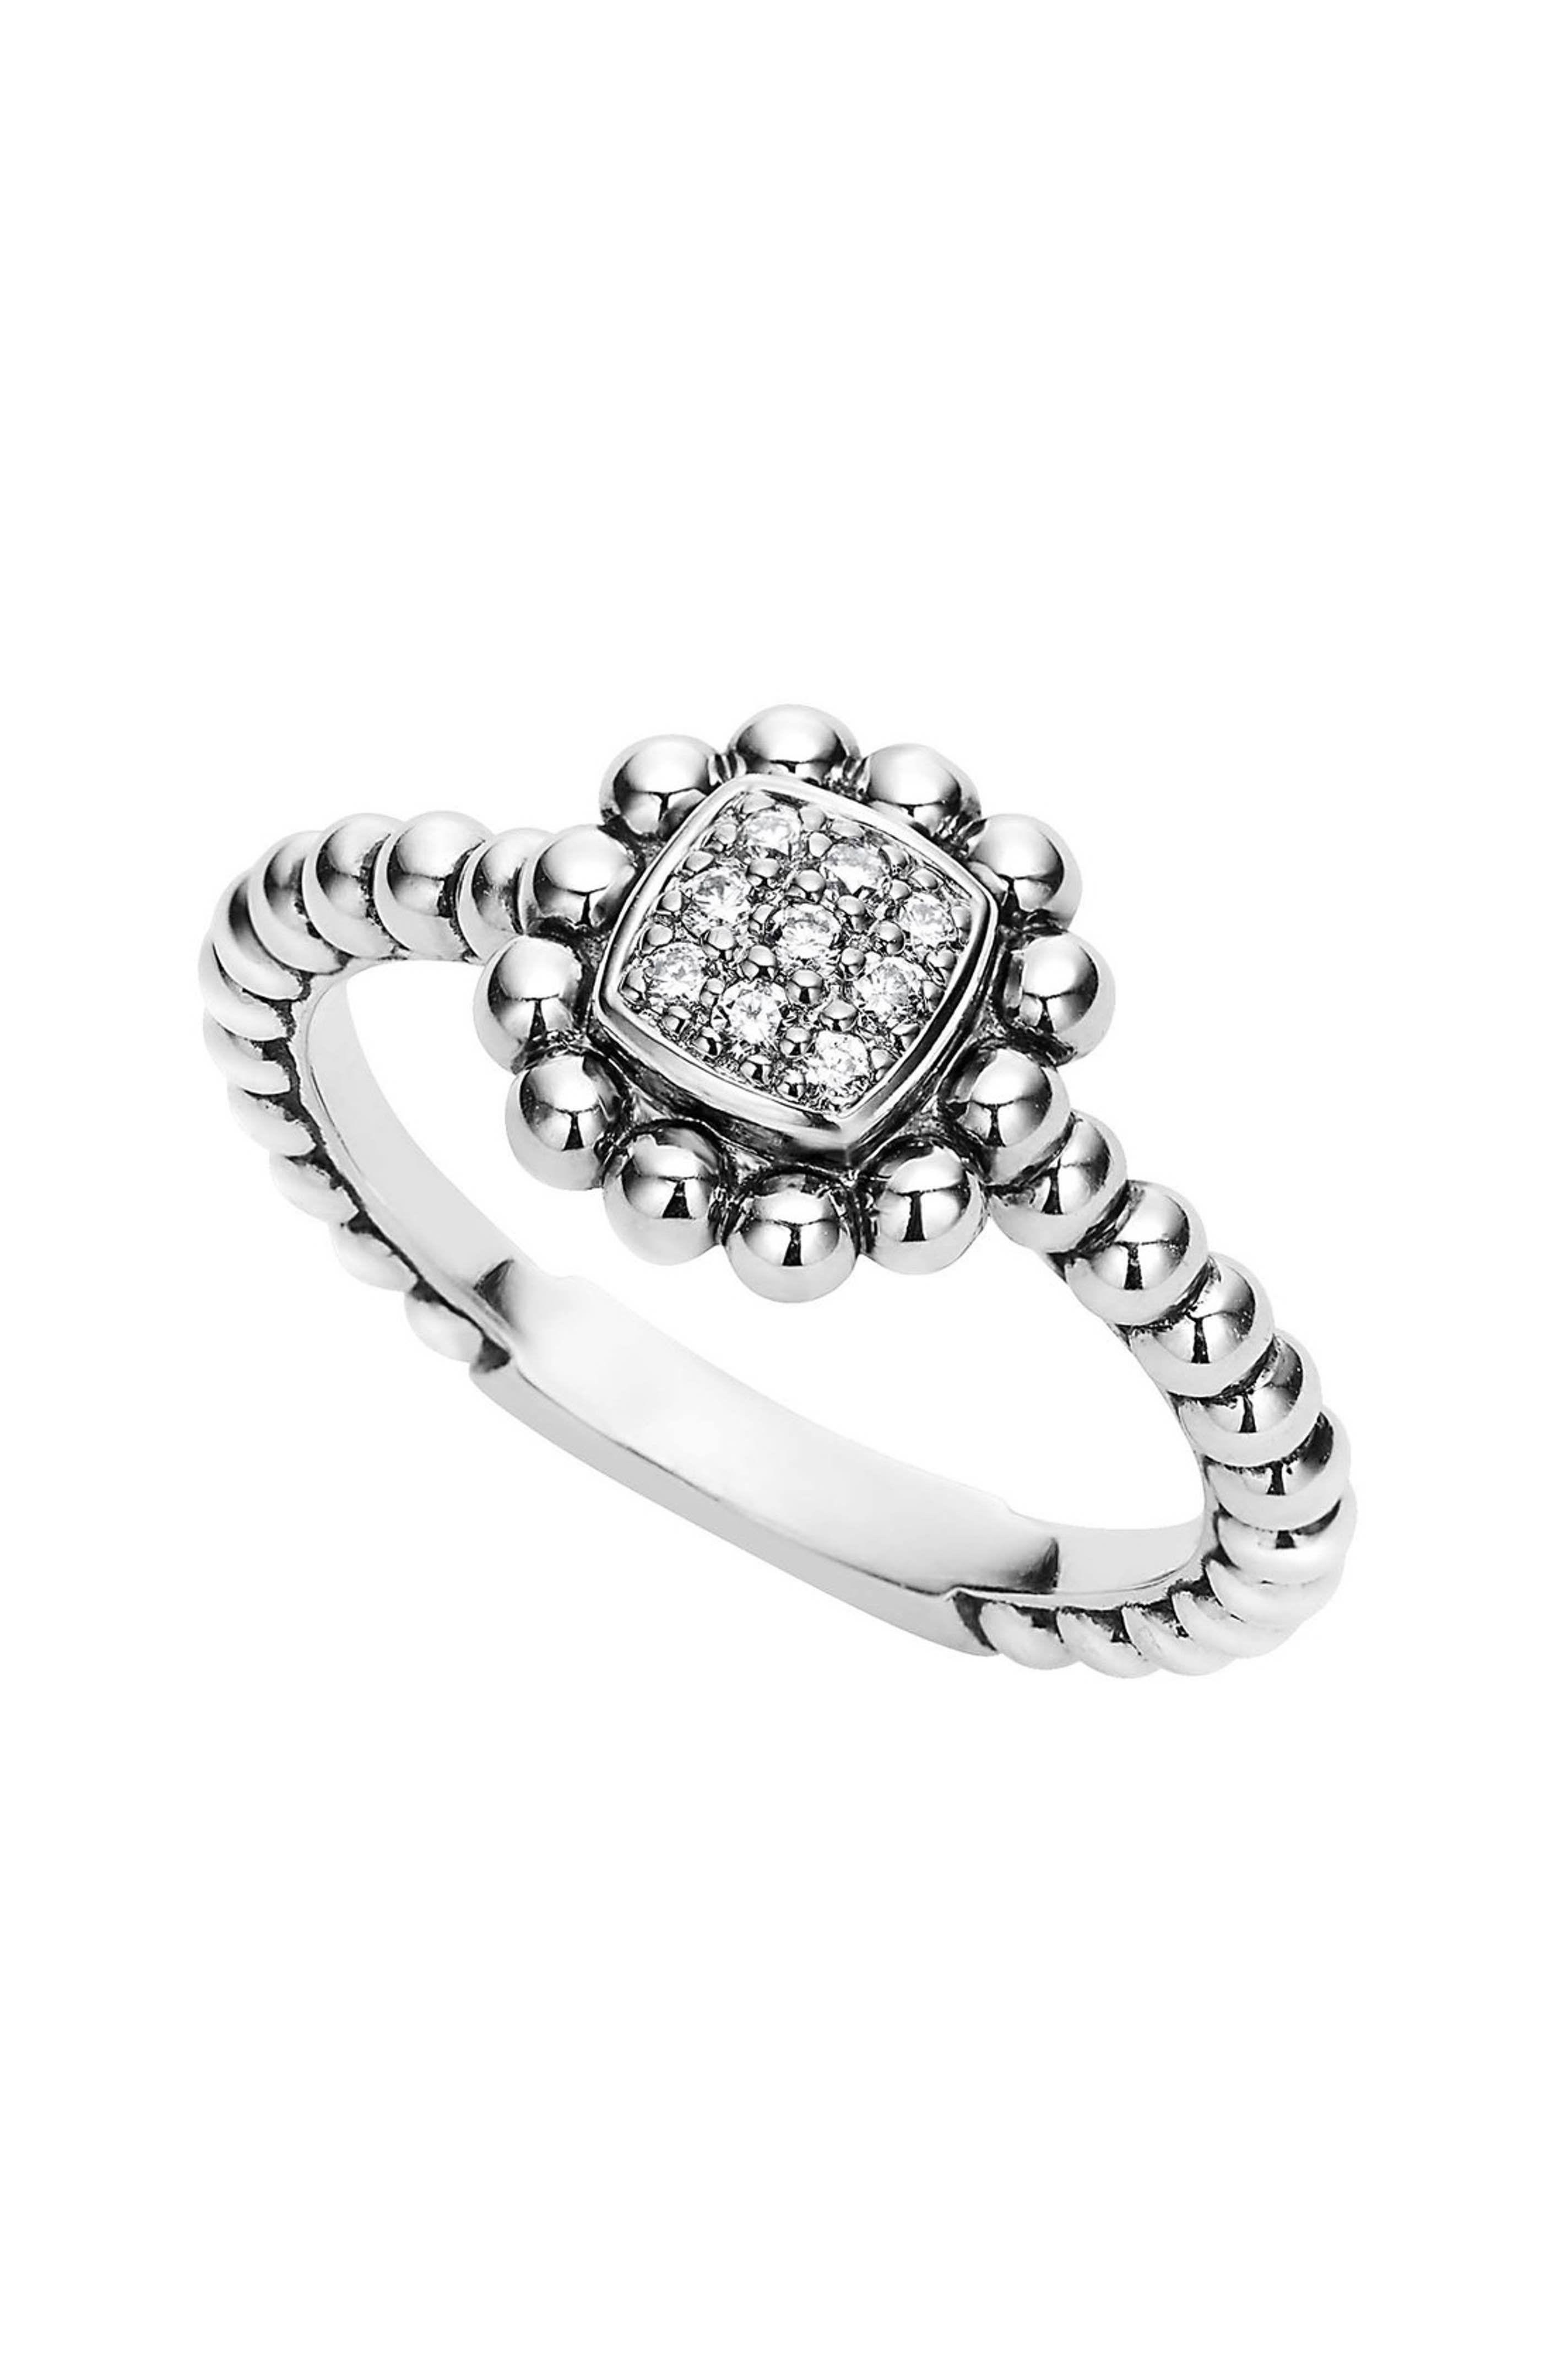 LAGOS Caviar Spark Diamond Square Ring Square diamond